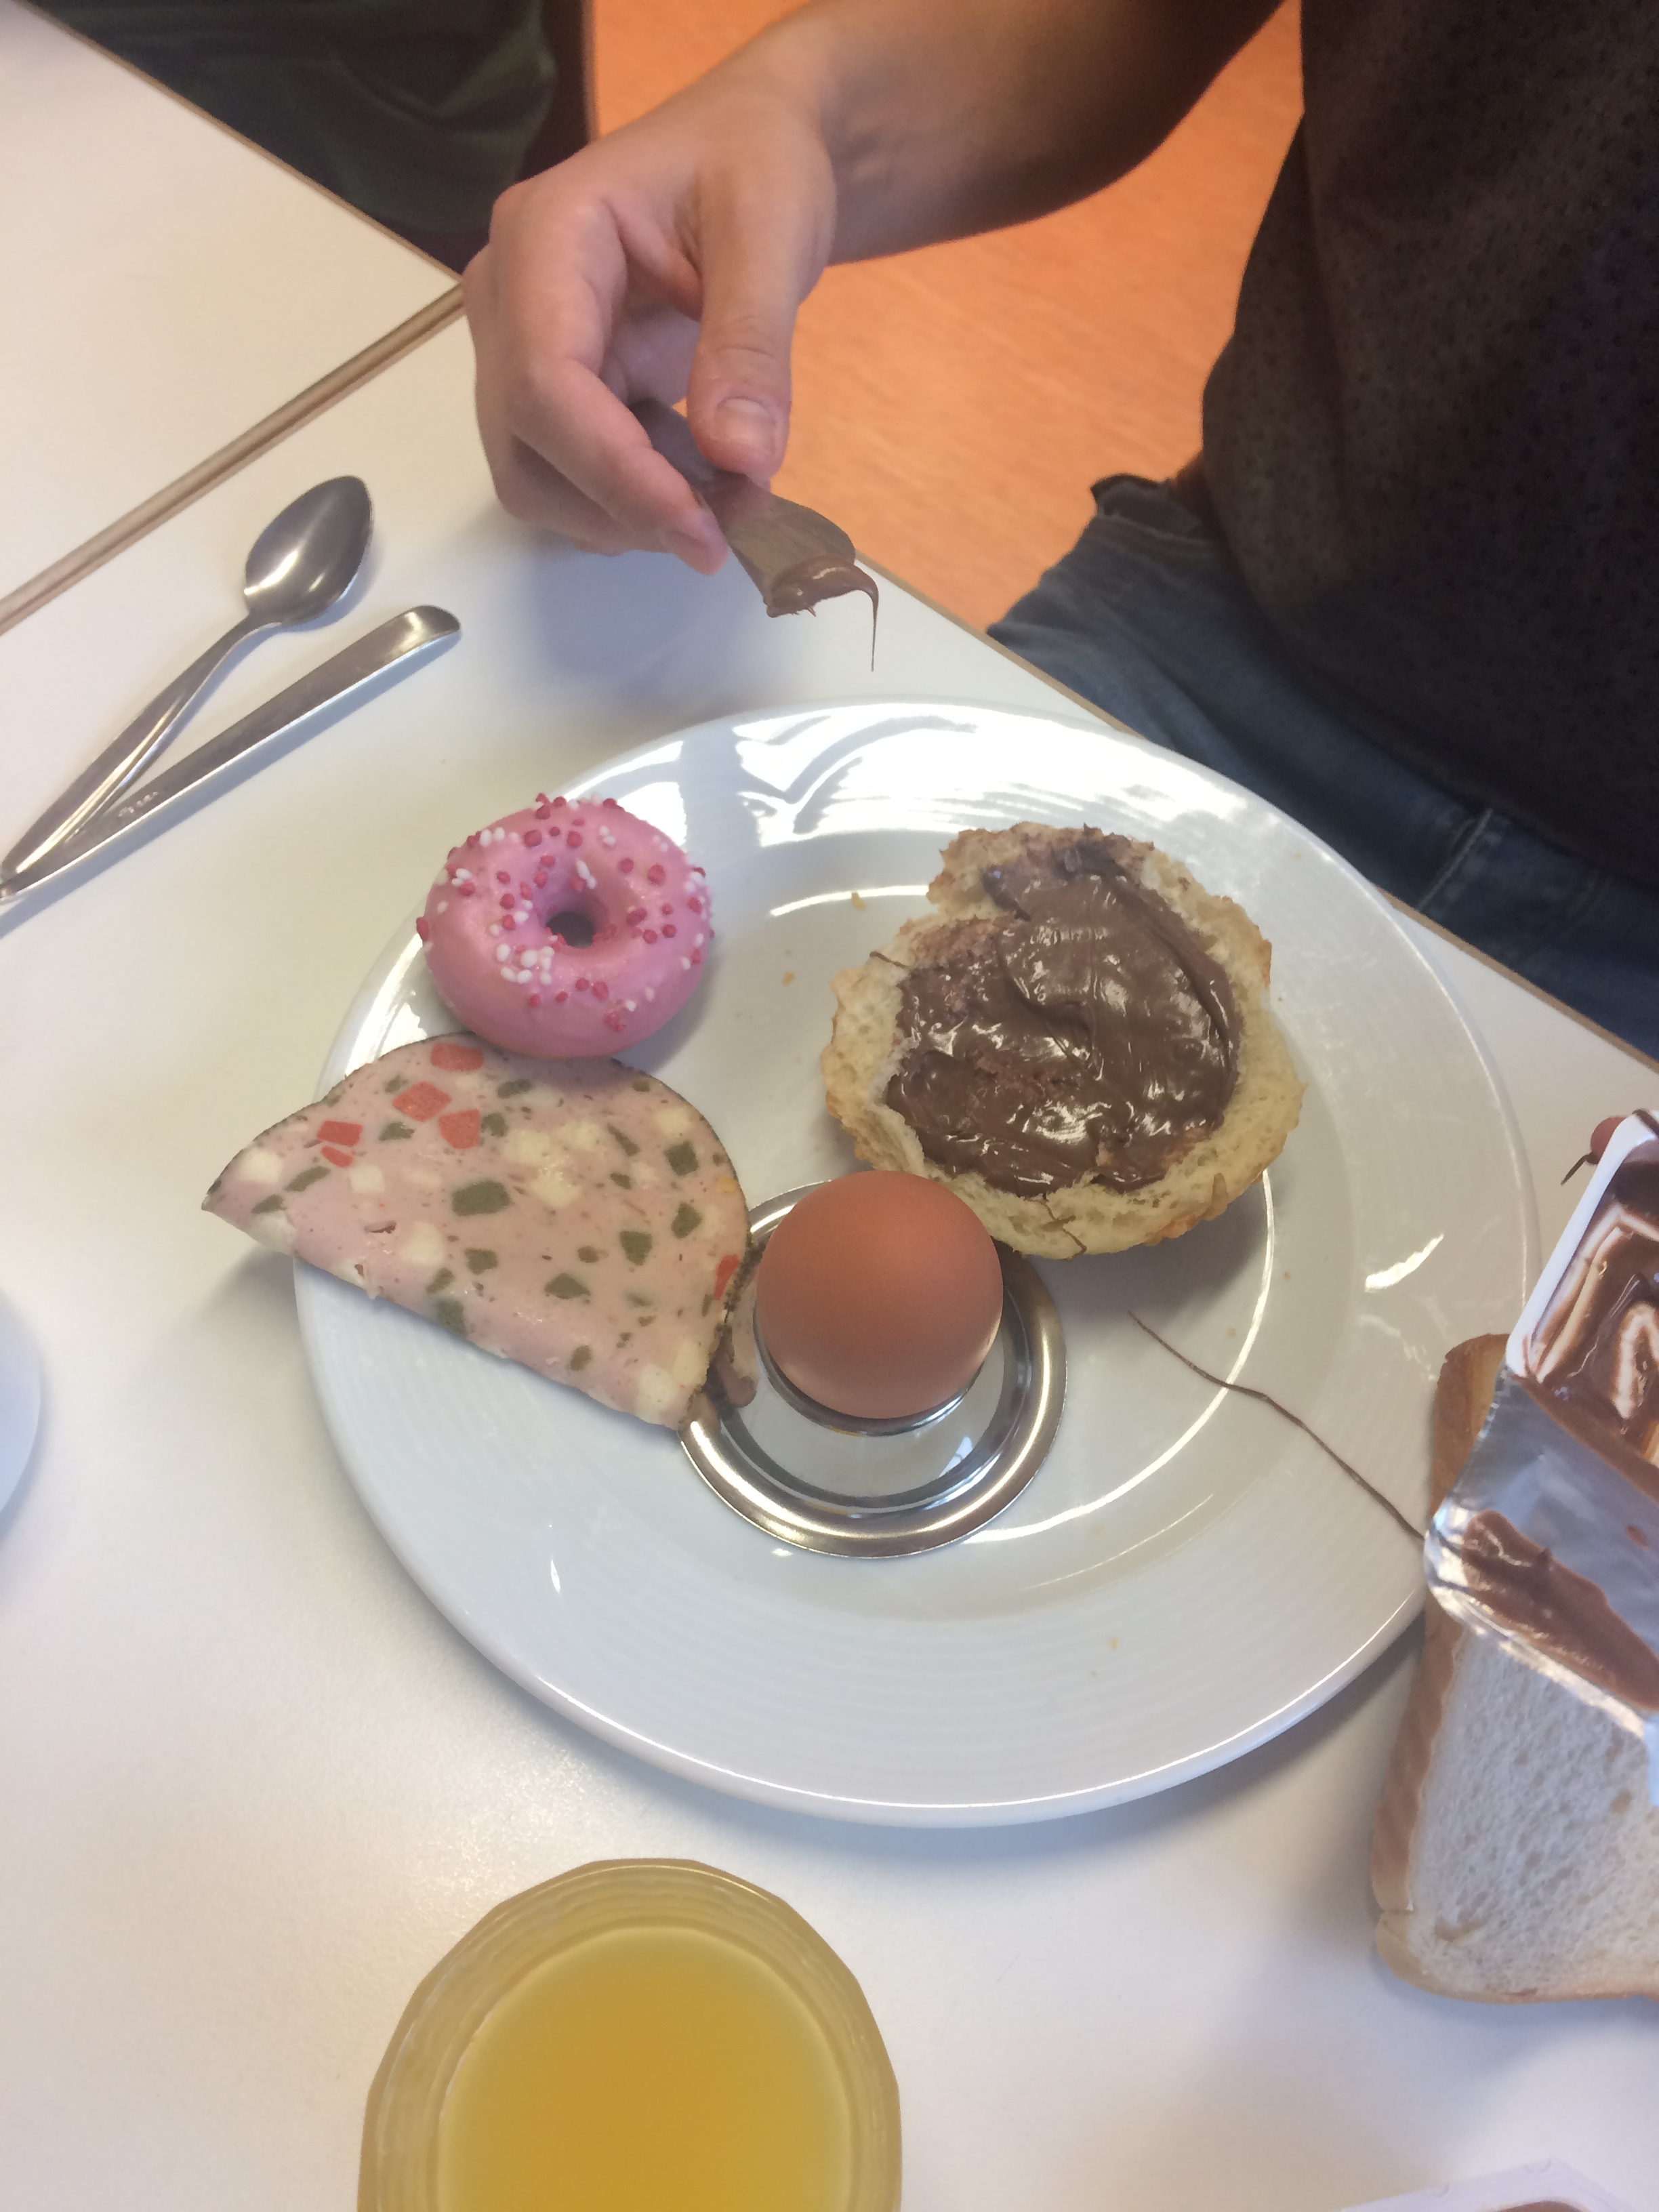 Vores udgave af sund og nærende morgenmad